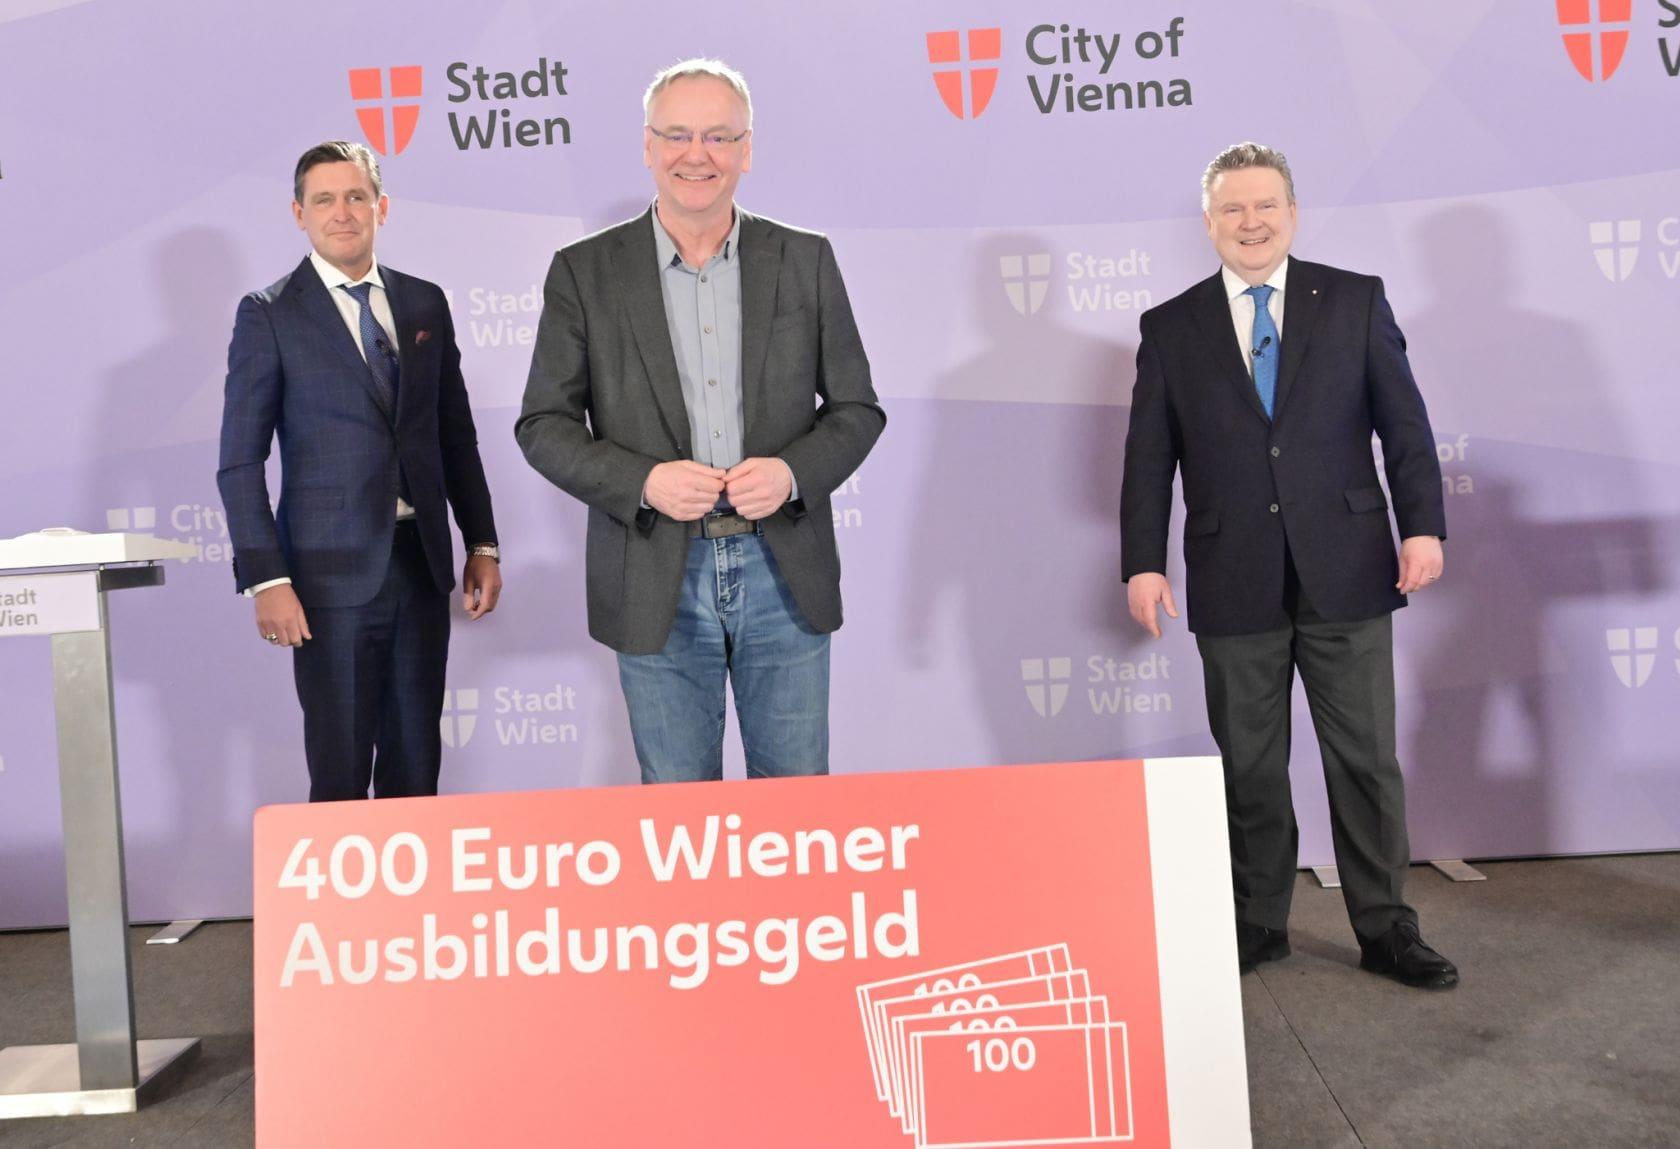 Bürgermeister Michael Ludwig, Stadtrat Peter Hanke und waff Geschäftsführer Fritz Meißl mit einem Schild, auf dem 400 Euro Ausbildungsgeld steht